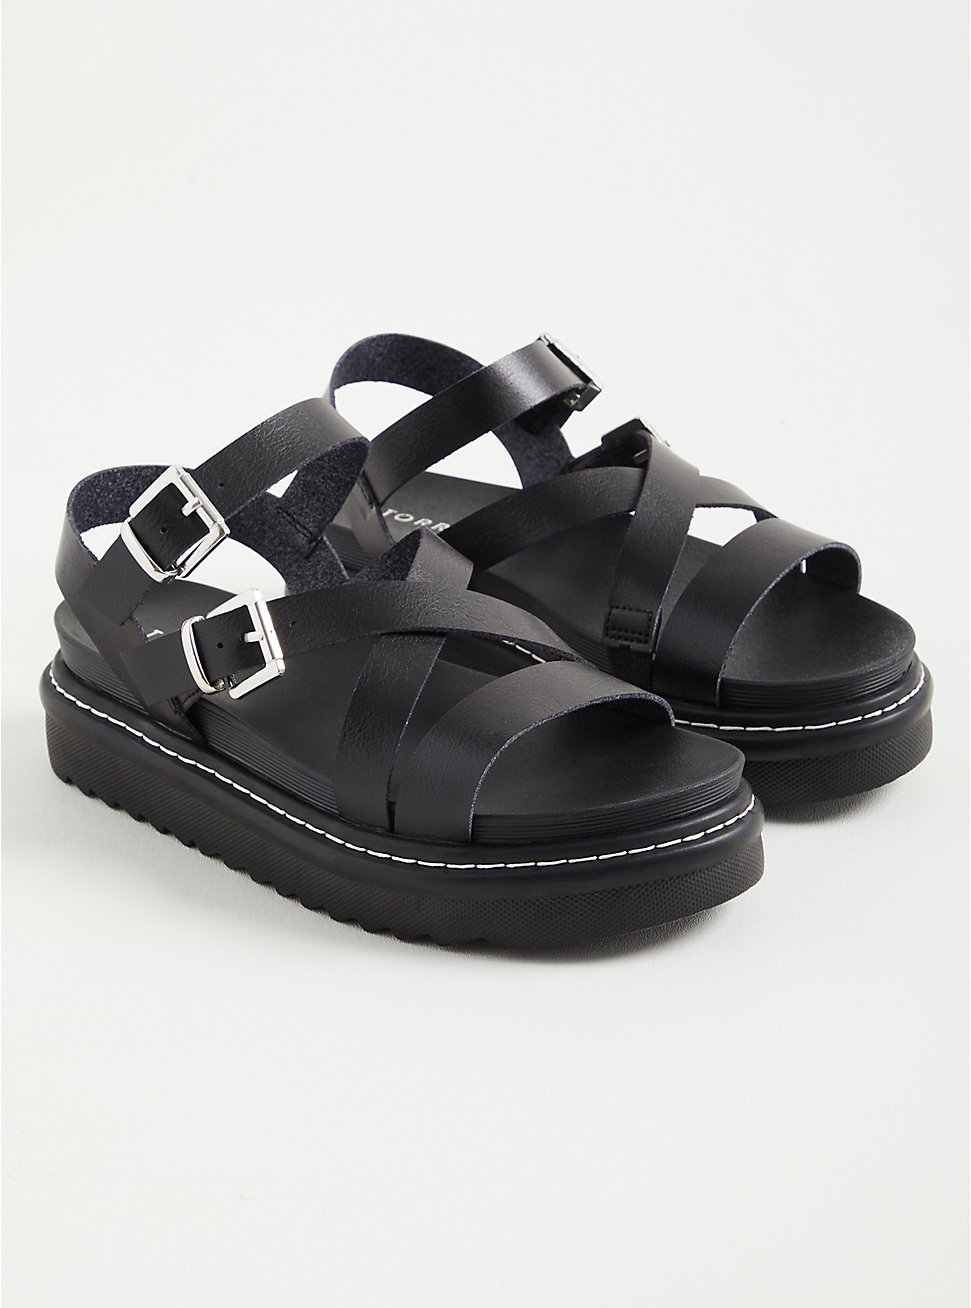 Gladiator Flatform Sandal - Faux Leather Black(WW), BLACK, hi-res